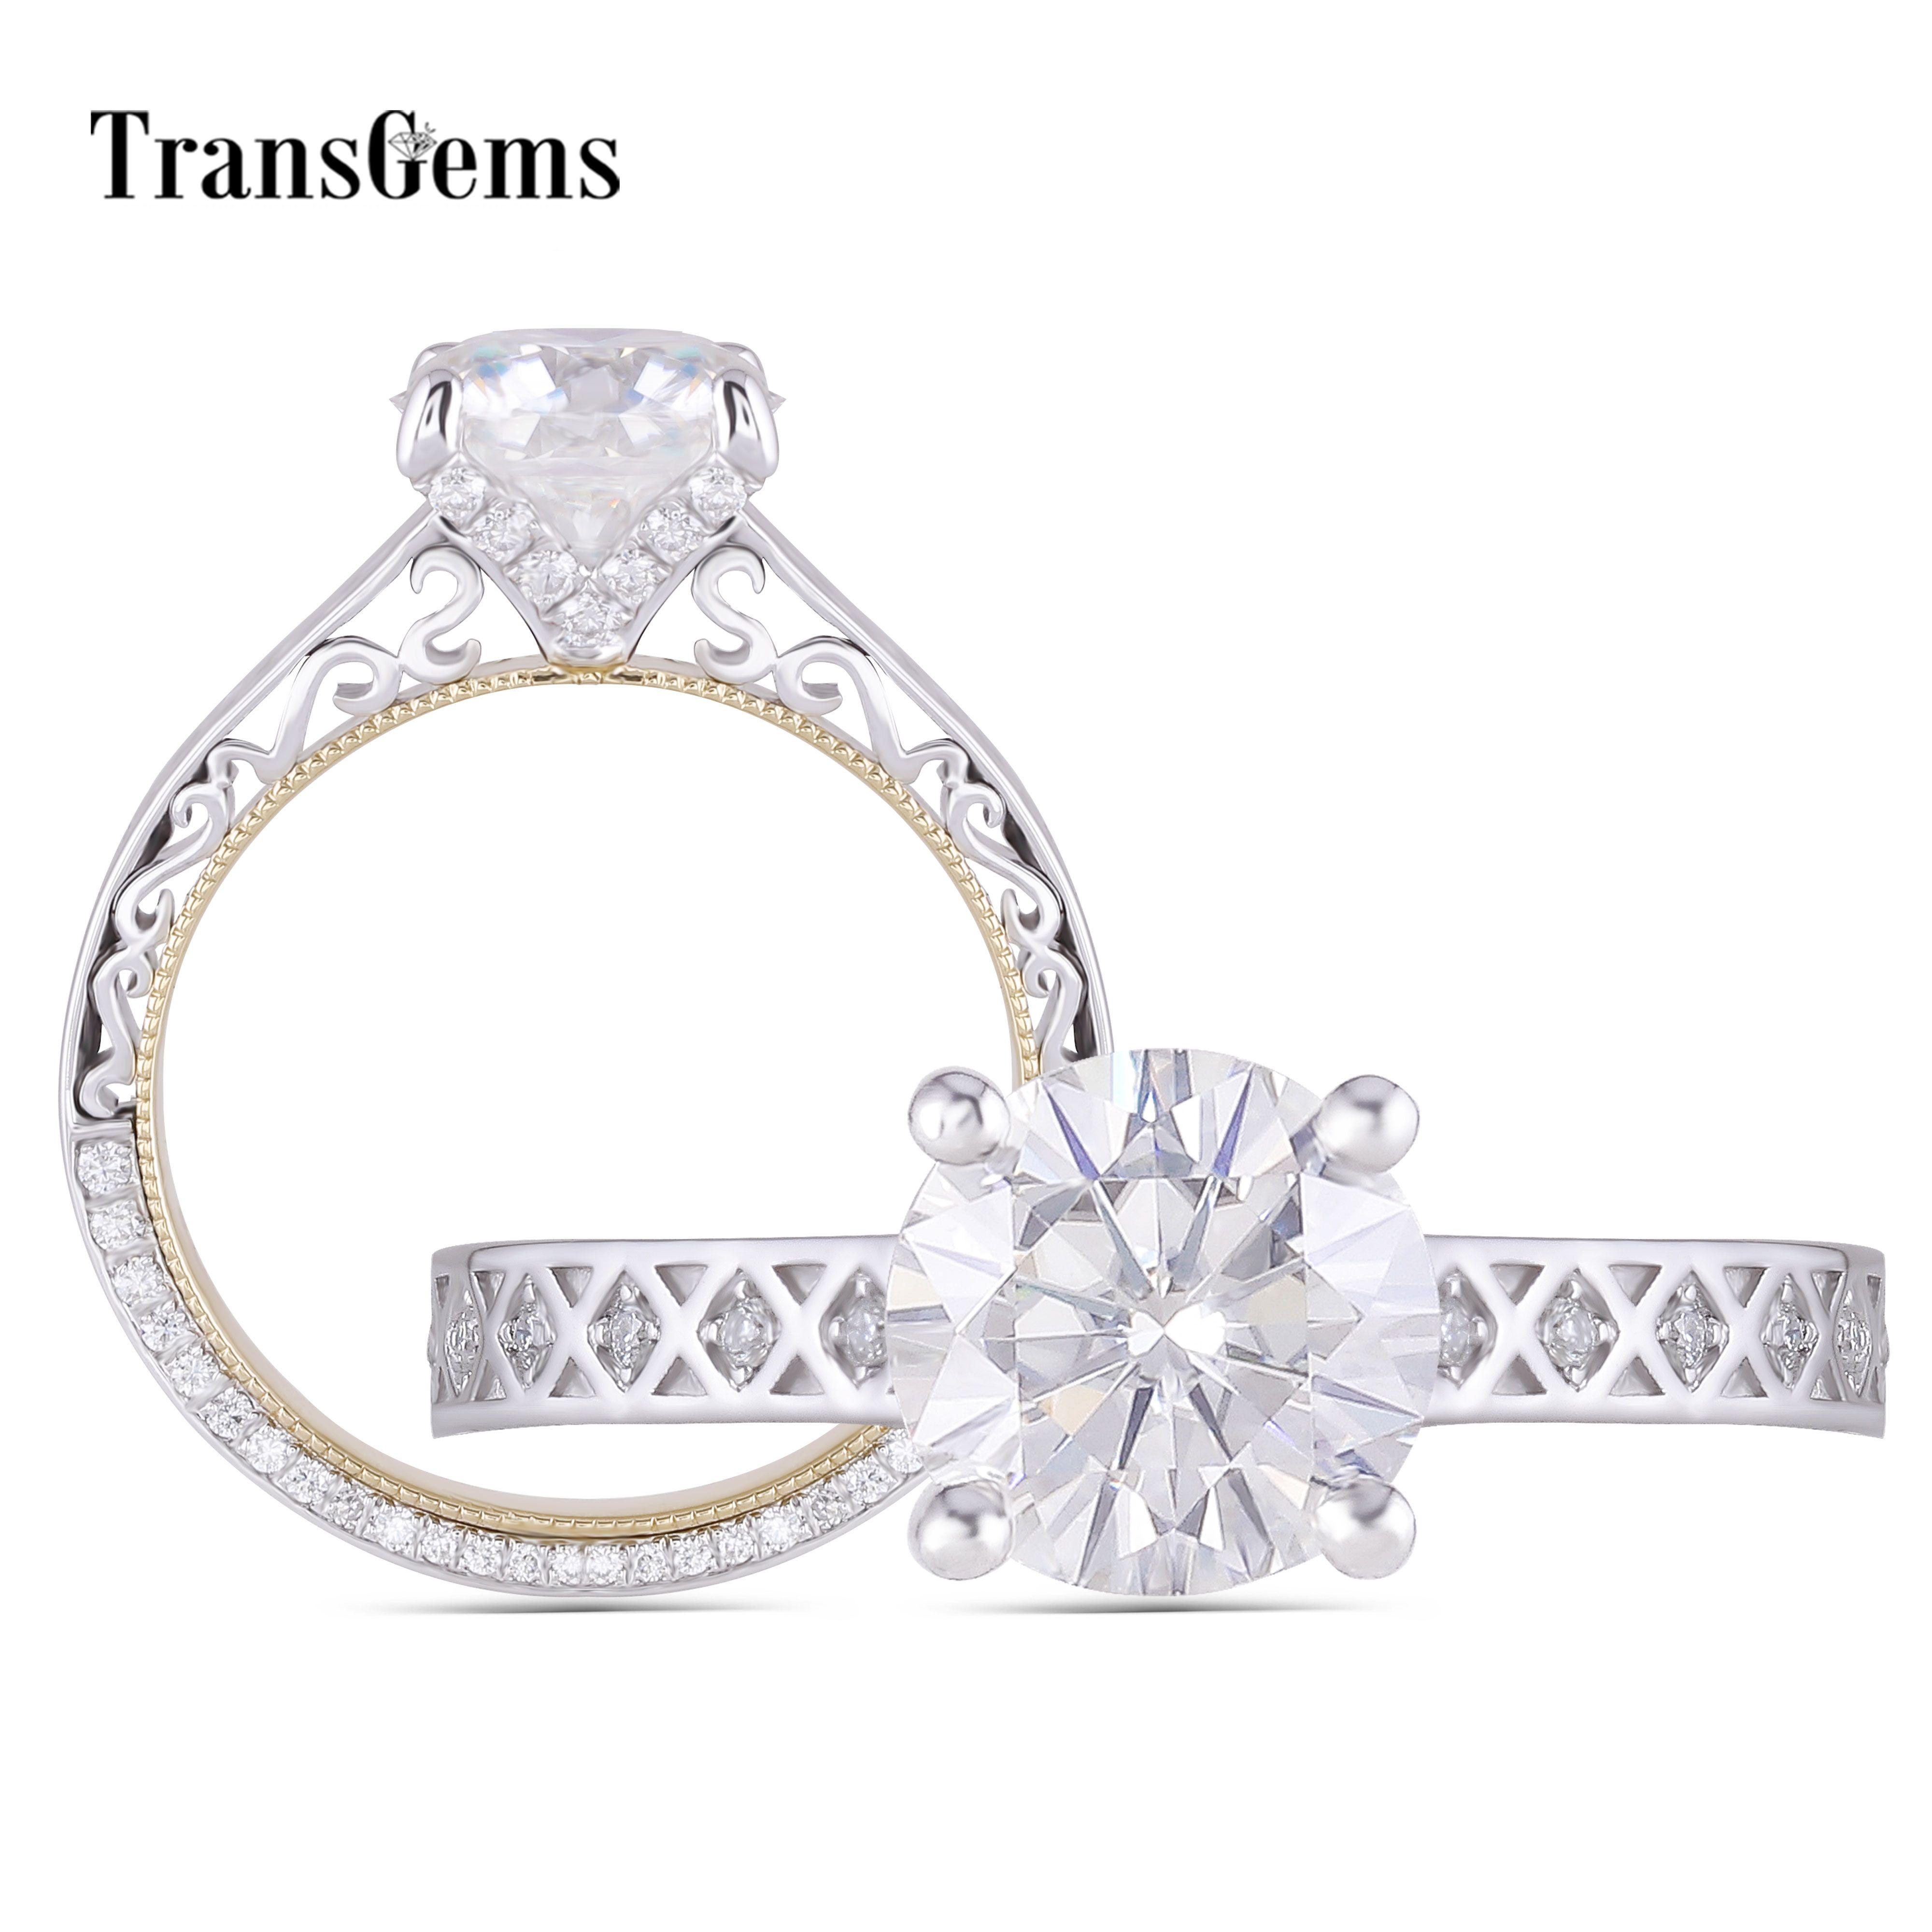 Transgems 14K Weiß und Gelb Gold 2ct 8mm F Farbe Moissanite Vintage Engagement Ring mit Akzente Für Frauen jahrestag Geschenke